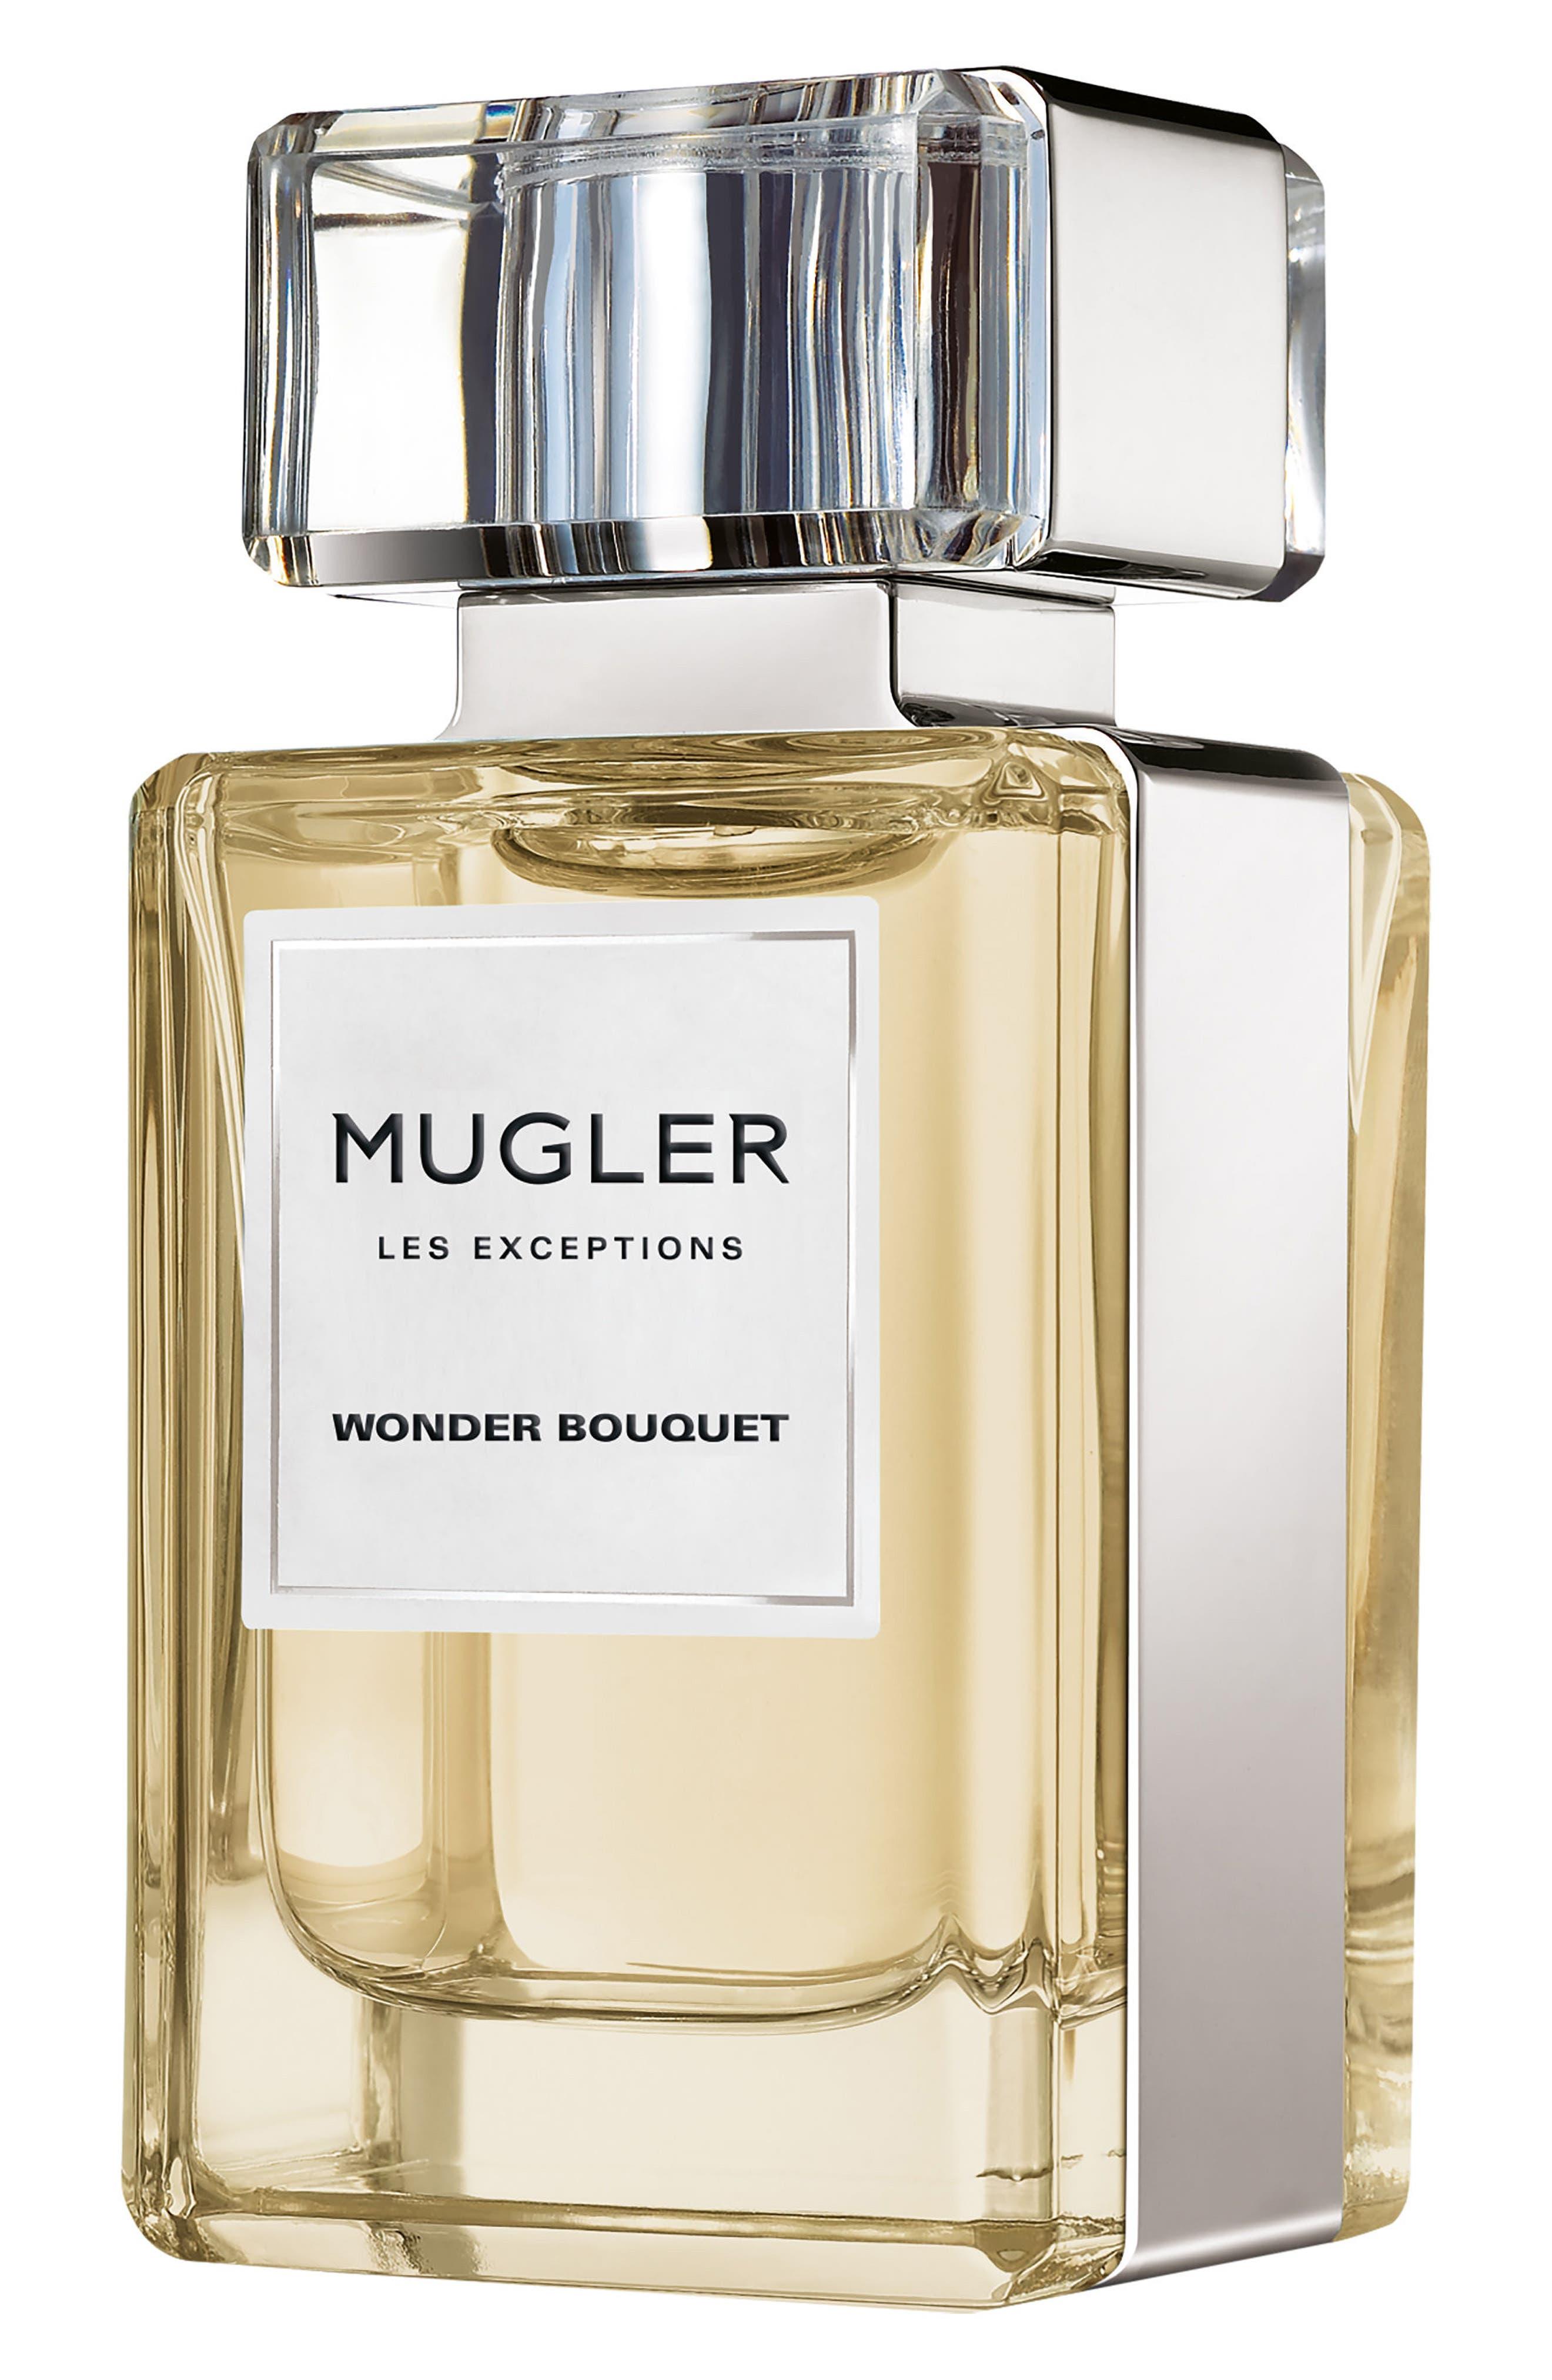 Mugler Les Exceptions Wonder Bouquet Eau de Parfum Refillable Spray,                             Main thumbnail 1, color,                             No Color